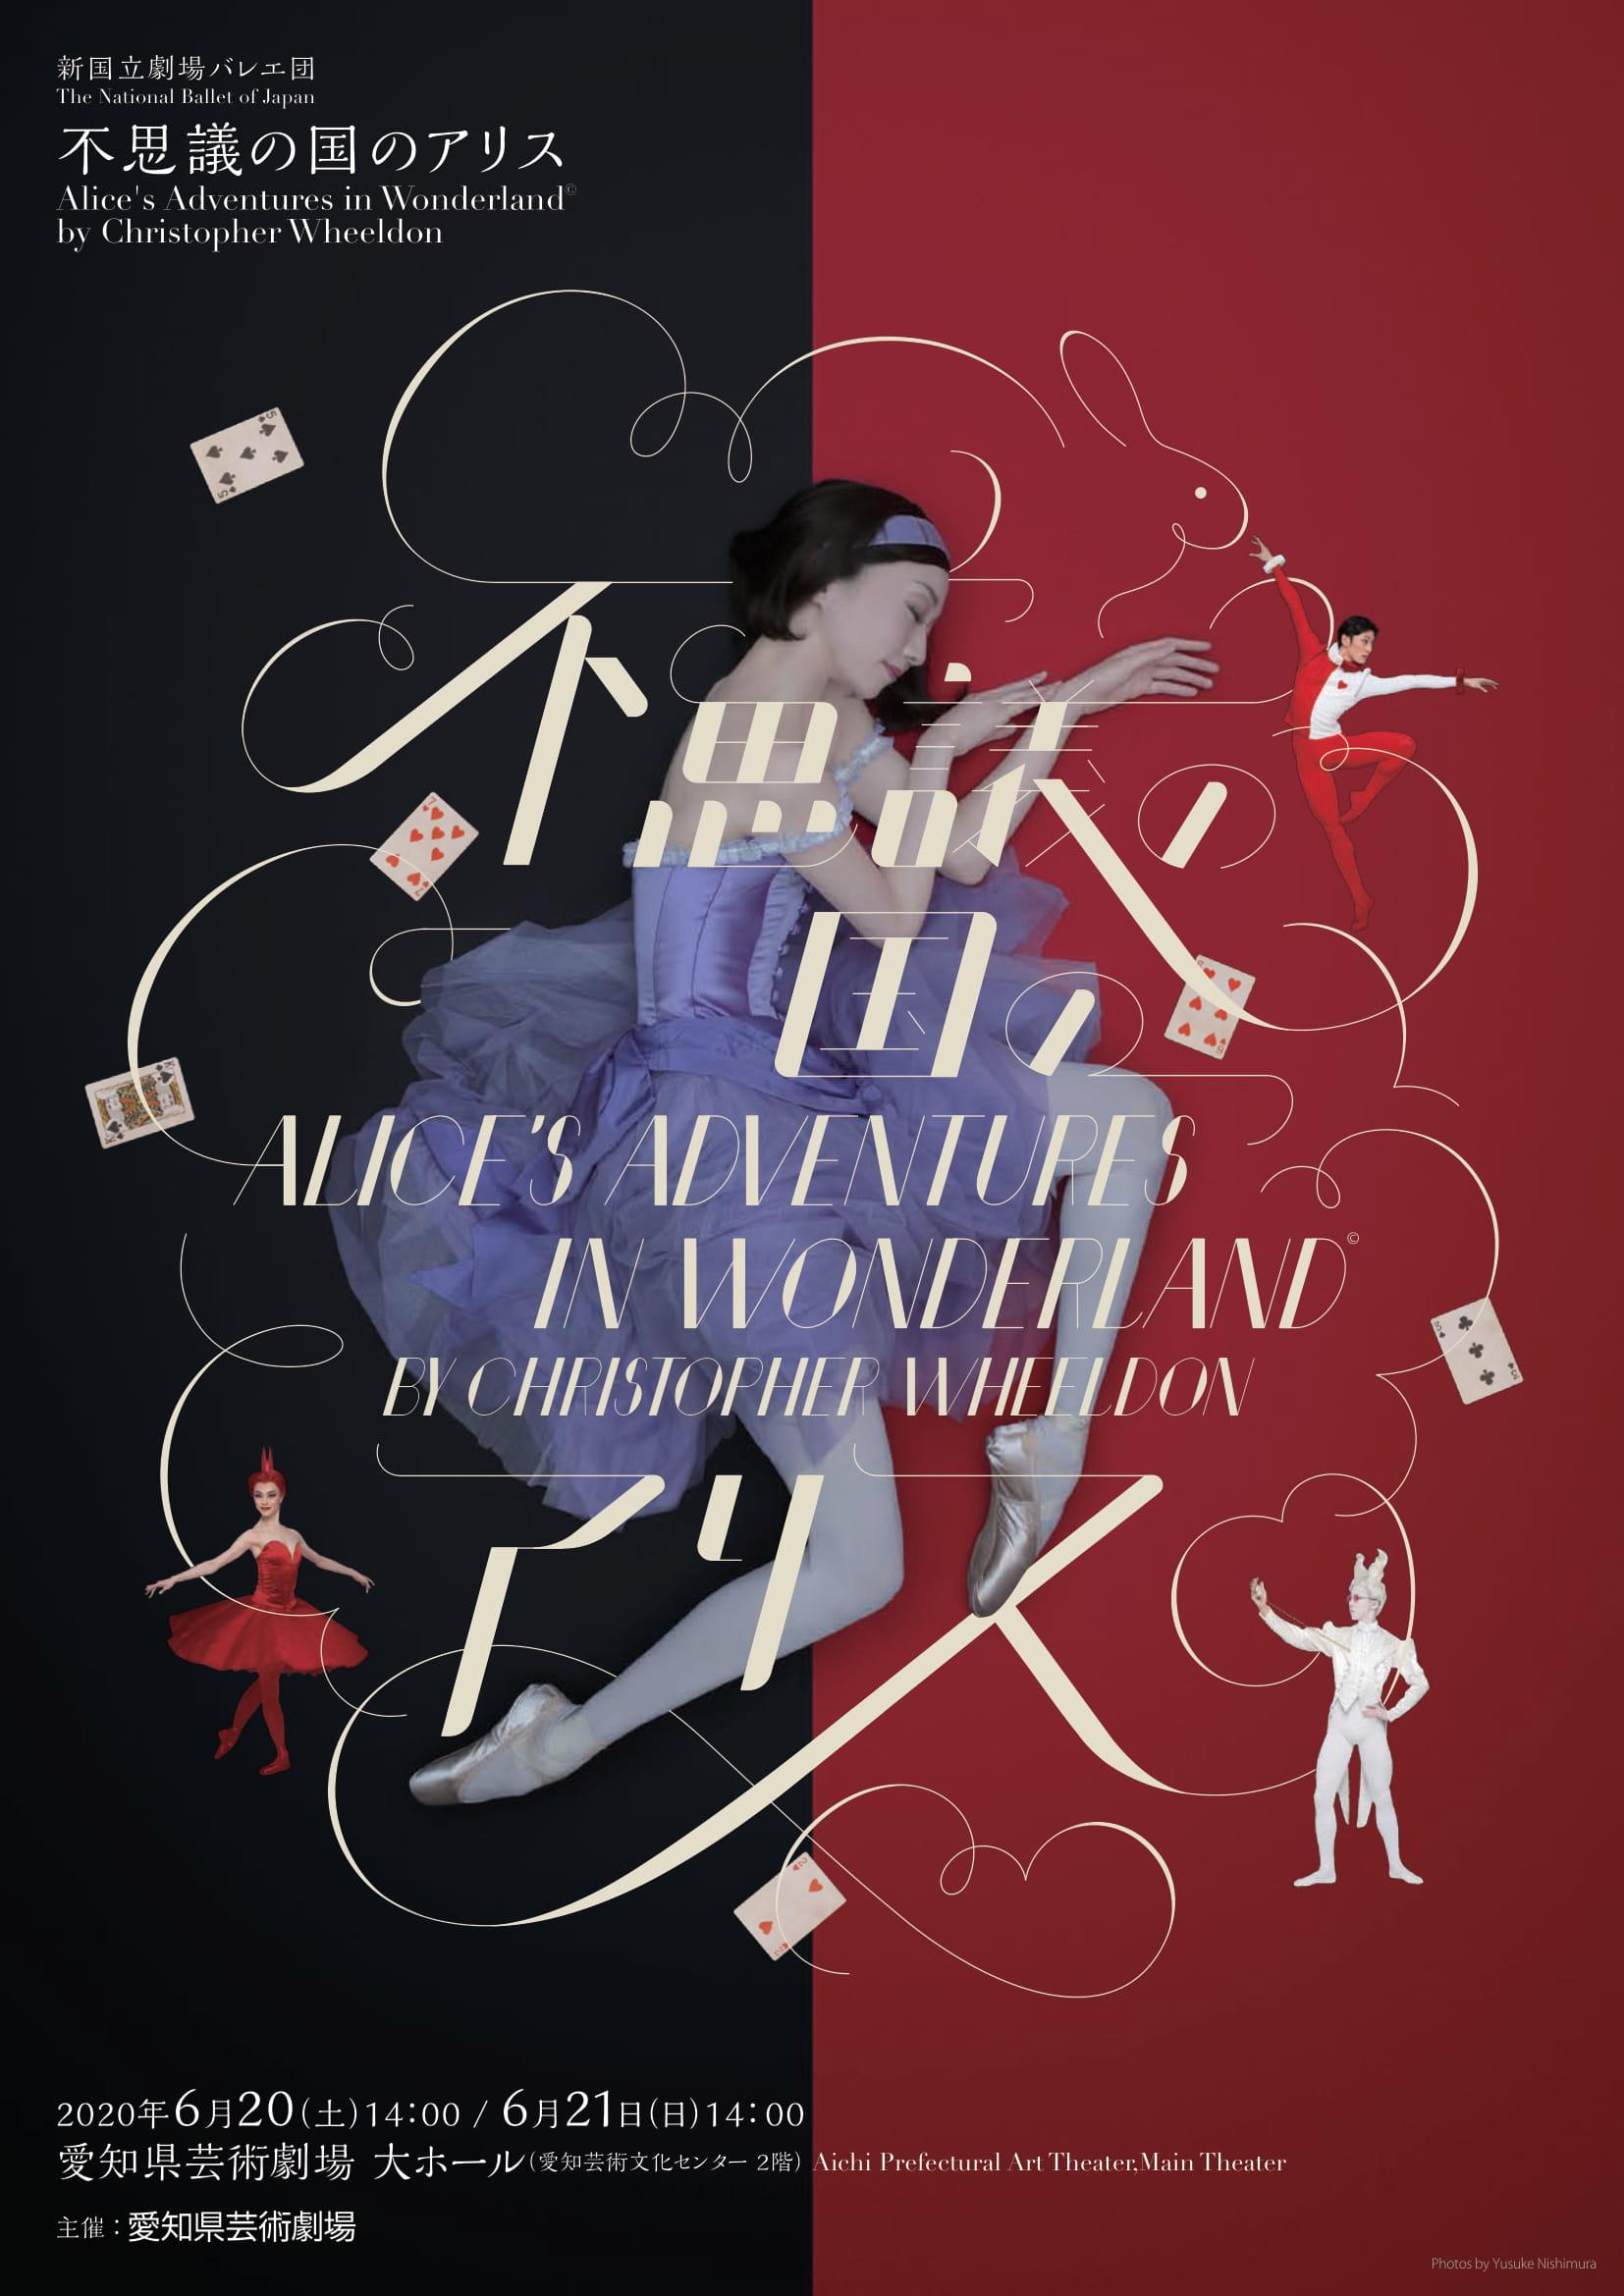 【公演中止】新国立劇場バレエ団『不思議の国のアリス』